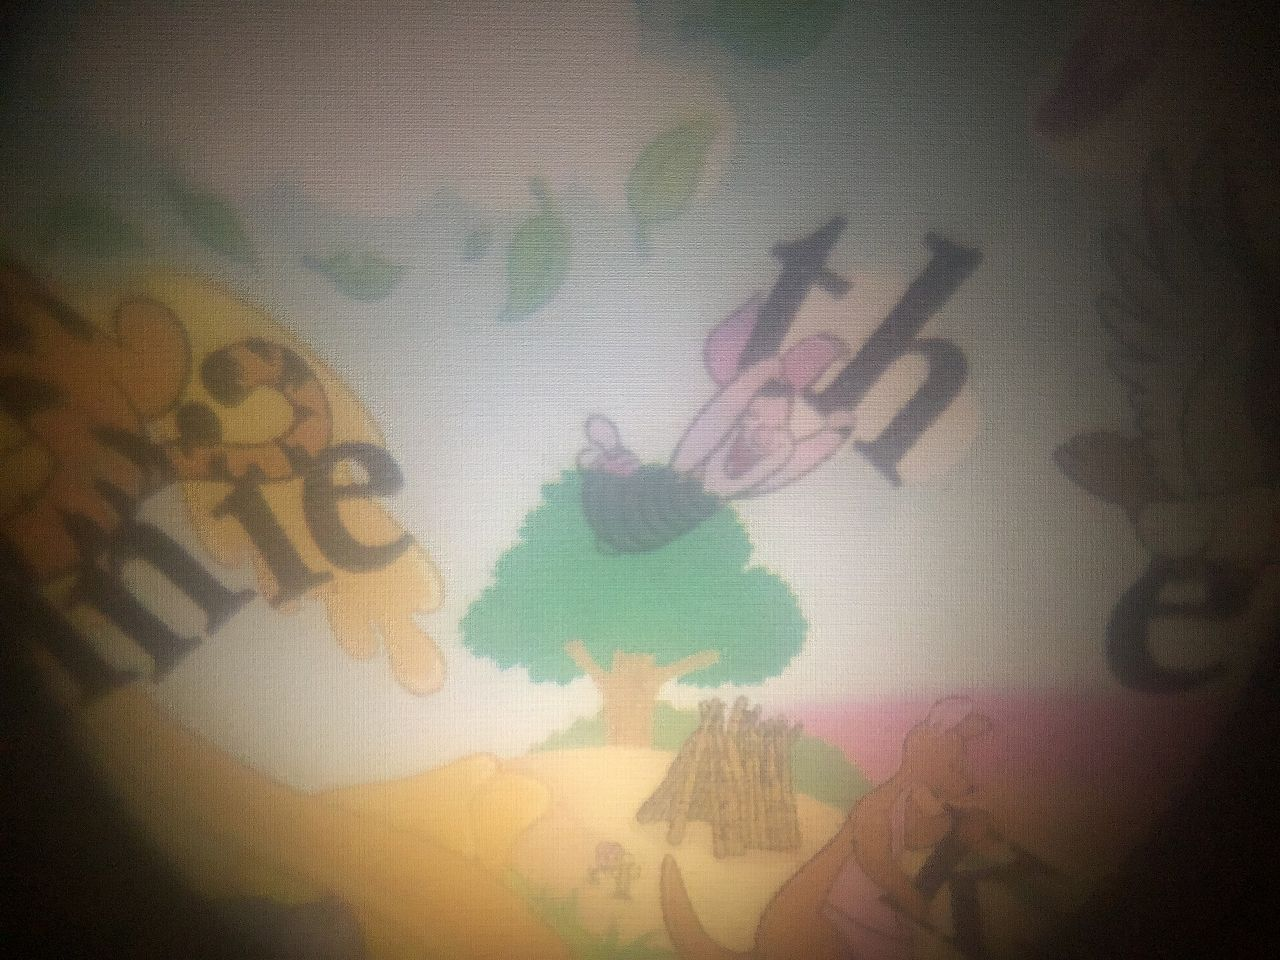 ディズニーおやすみシアターの壁表示